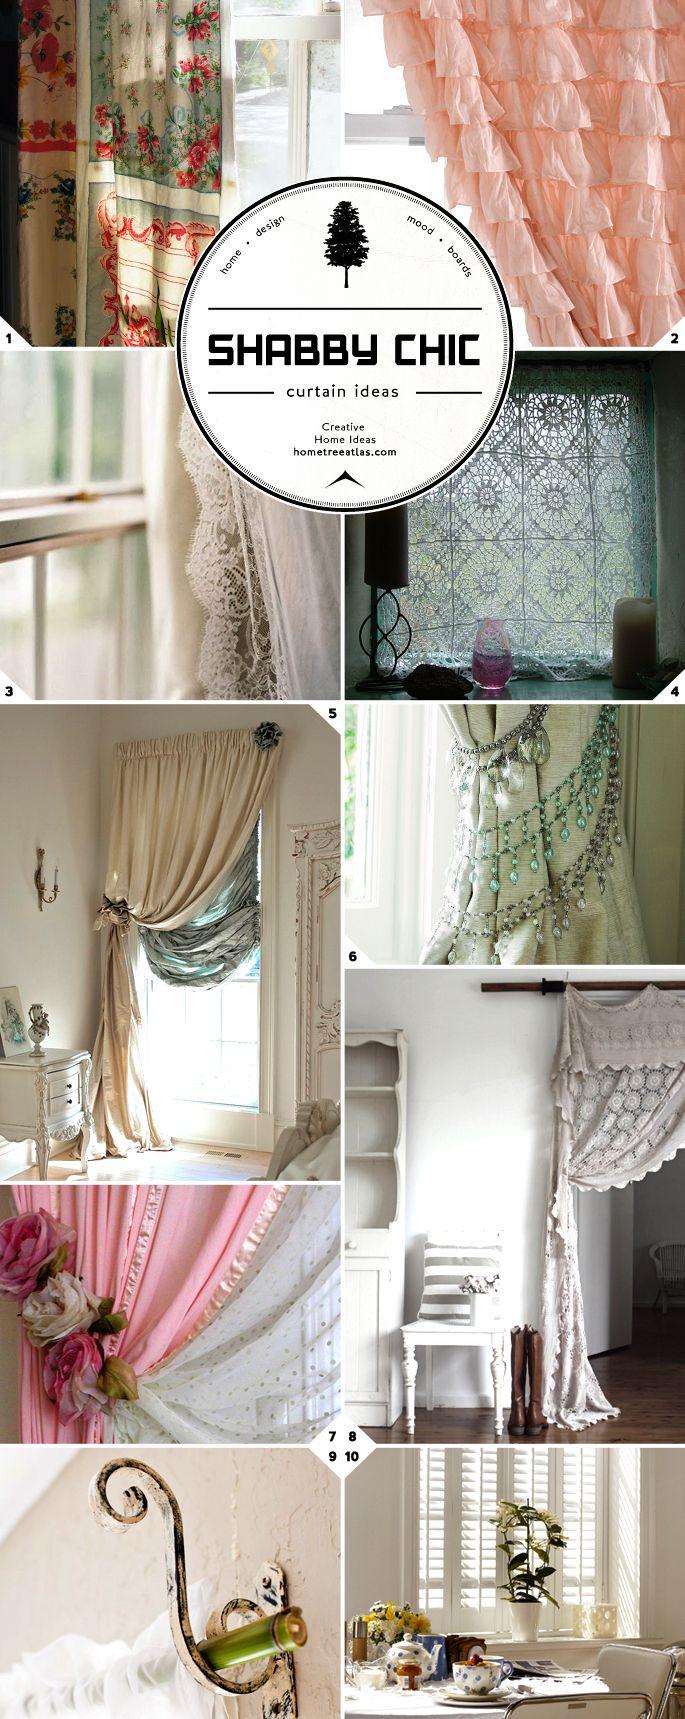 les 110 meilleures images du tableau rideaux sur pinterest. Black Bedroom Furniture Sets. Home Design Ideas